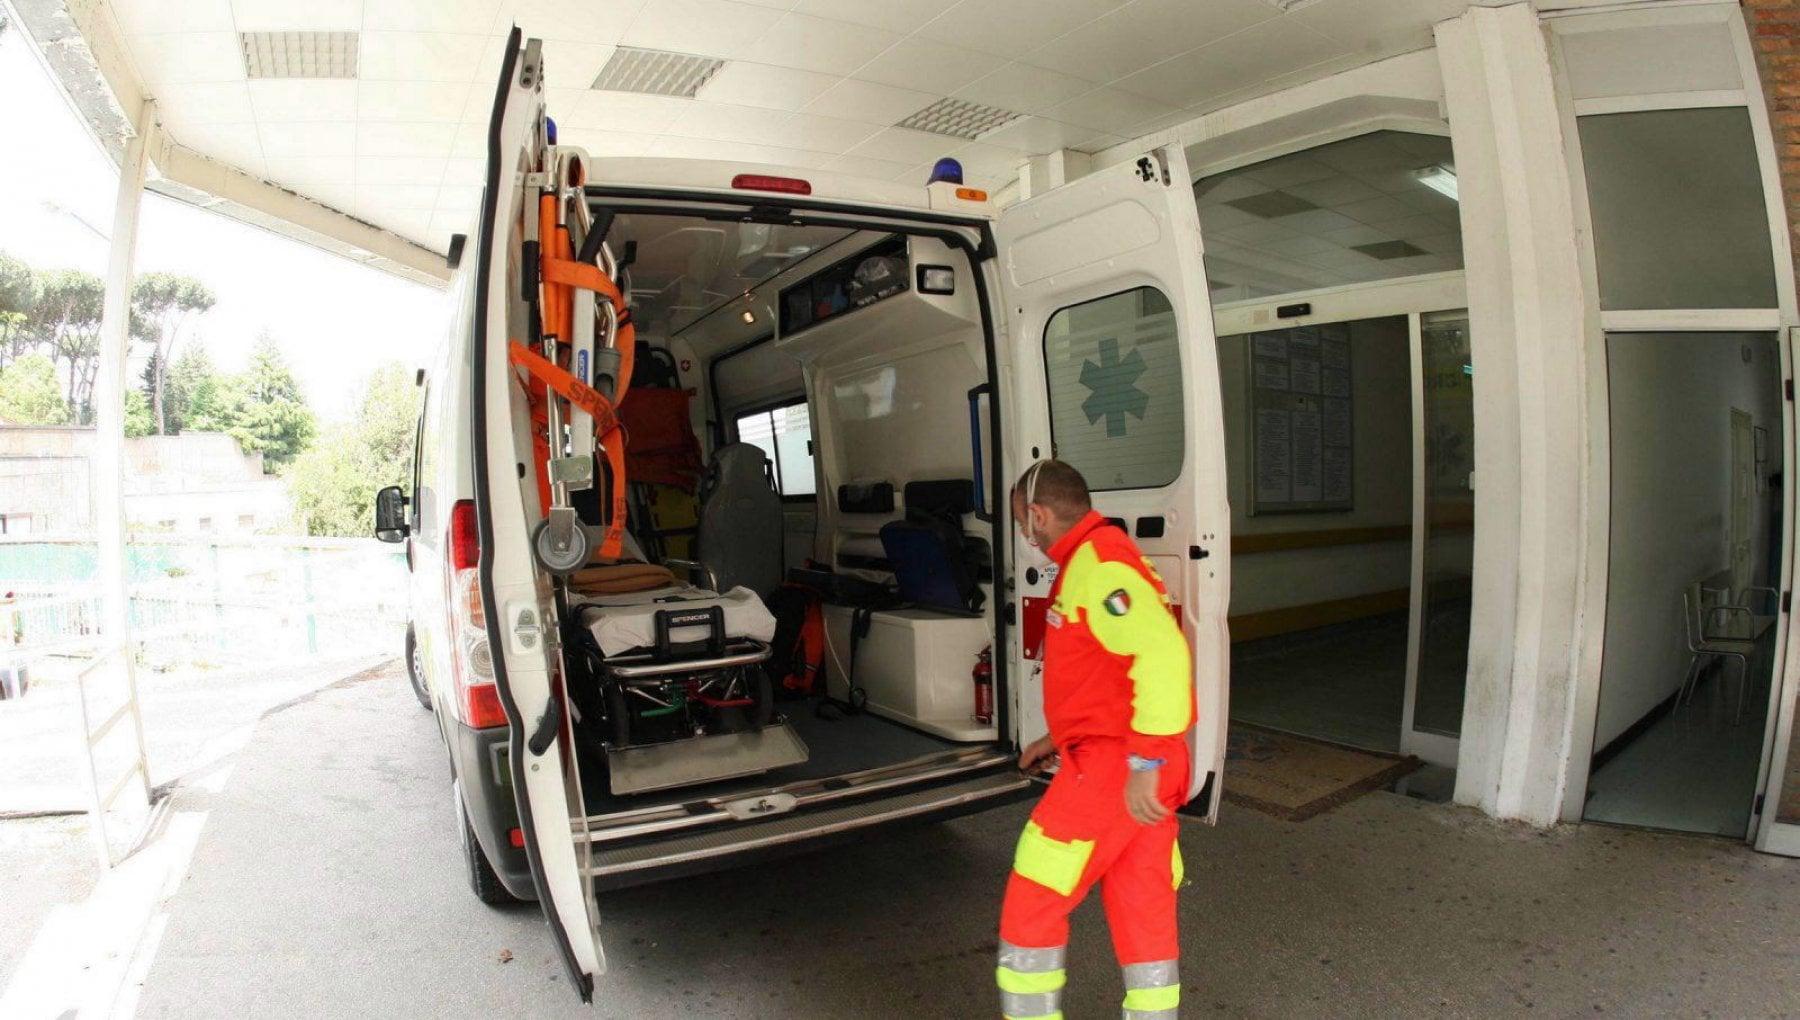 Positivo al test rapido attende ore in ambulanza poi muore nellex pronto soccorso